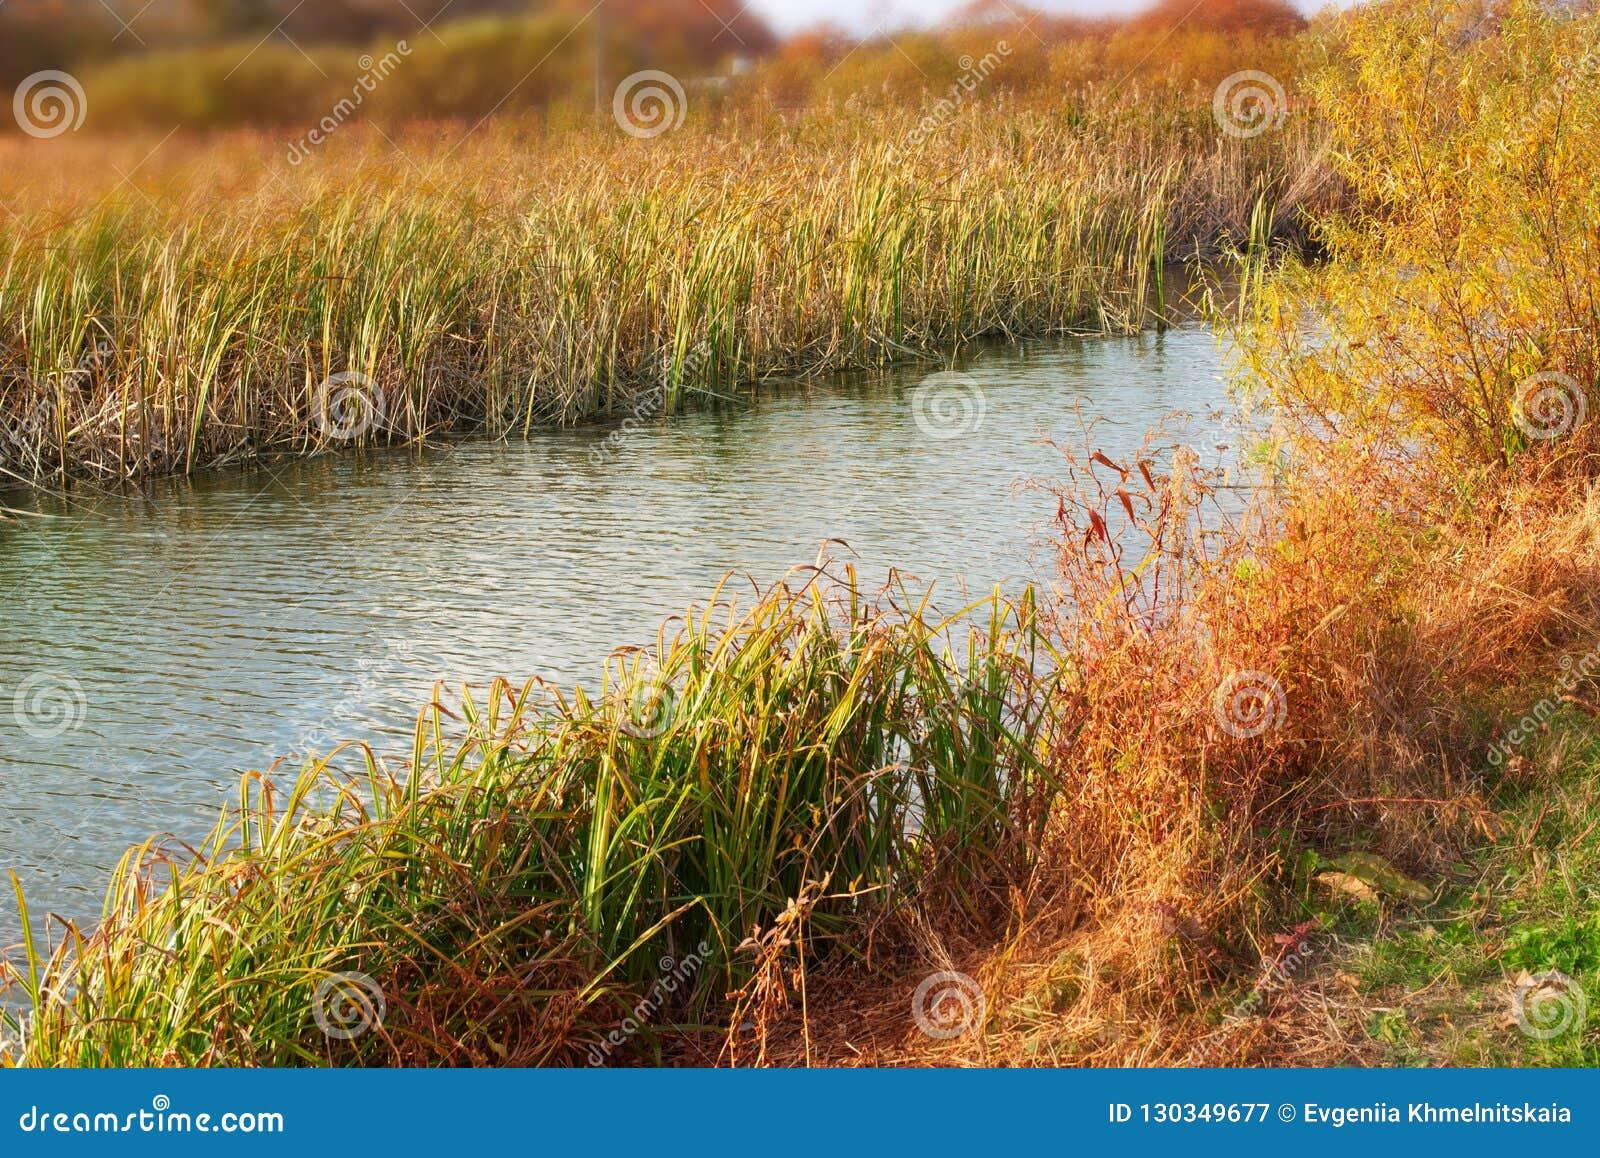 Sztandar jesieni krajobrazu brzeg rzekiego suchej trawy naturalne płochy nawadniają natury Selekcyjnej ostrości zamazującego tło